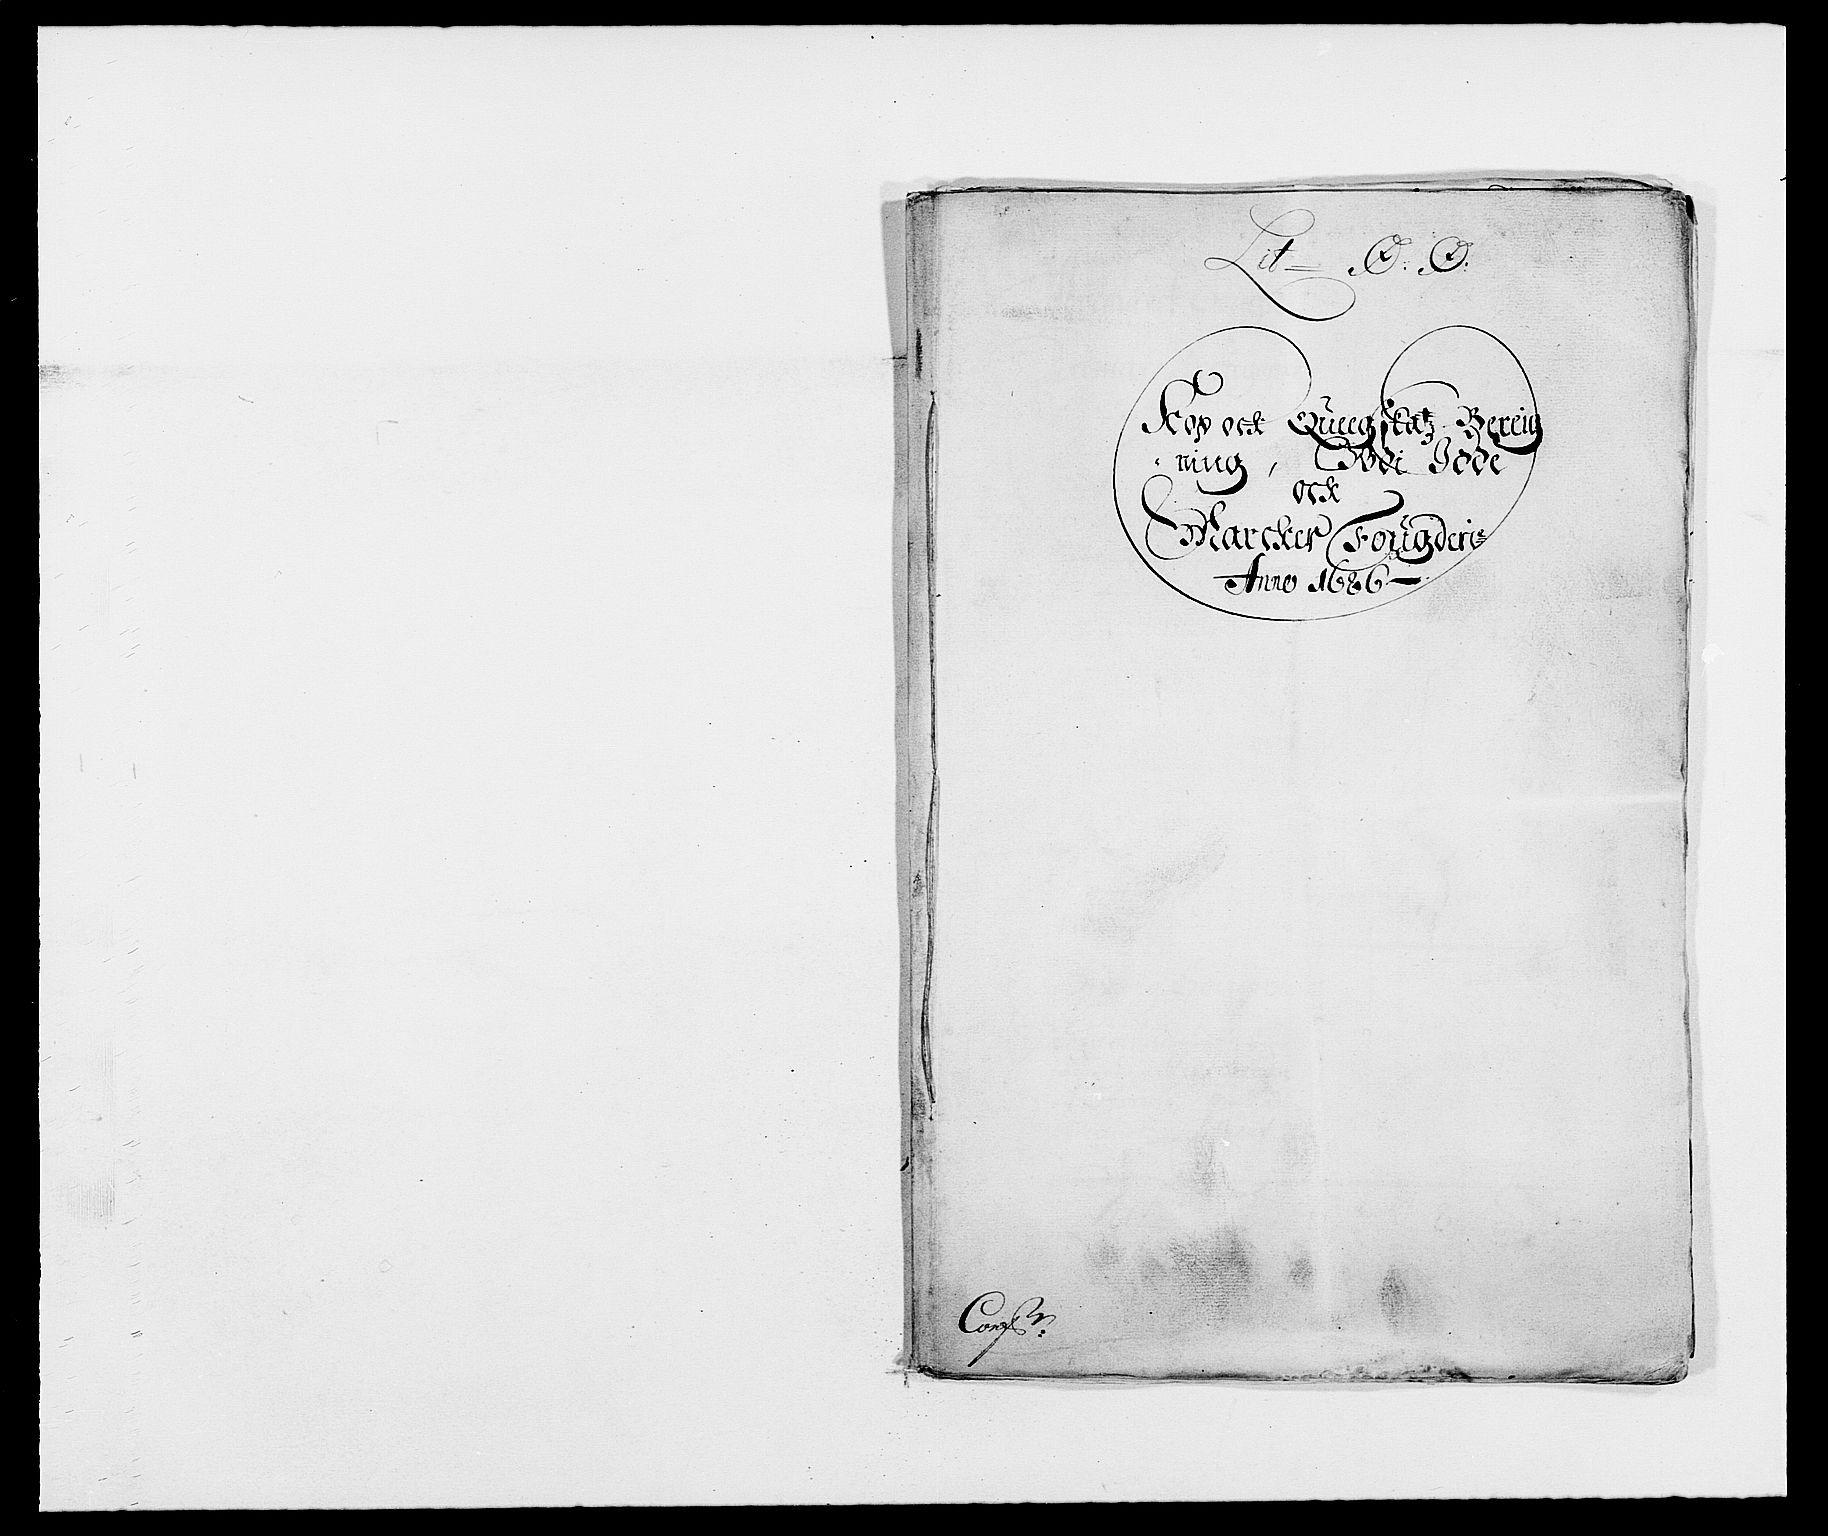 RA, Rentekammeret inntil 1814, Reviderte regnskaper, Fogderegnskap, R01/L0006: Fogderegnskap Idd og Marker, 1685-1686, s. 366